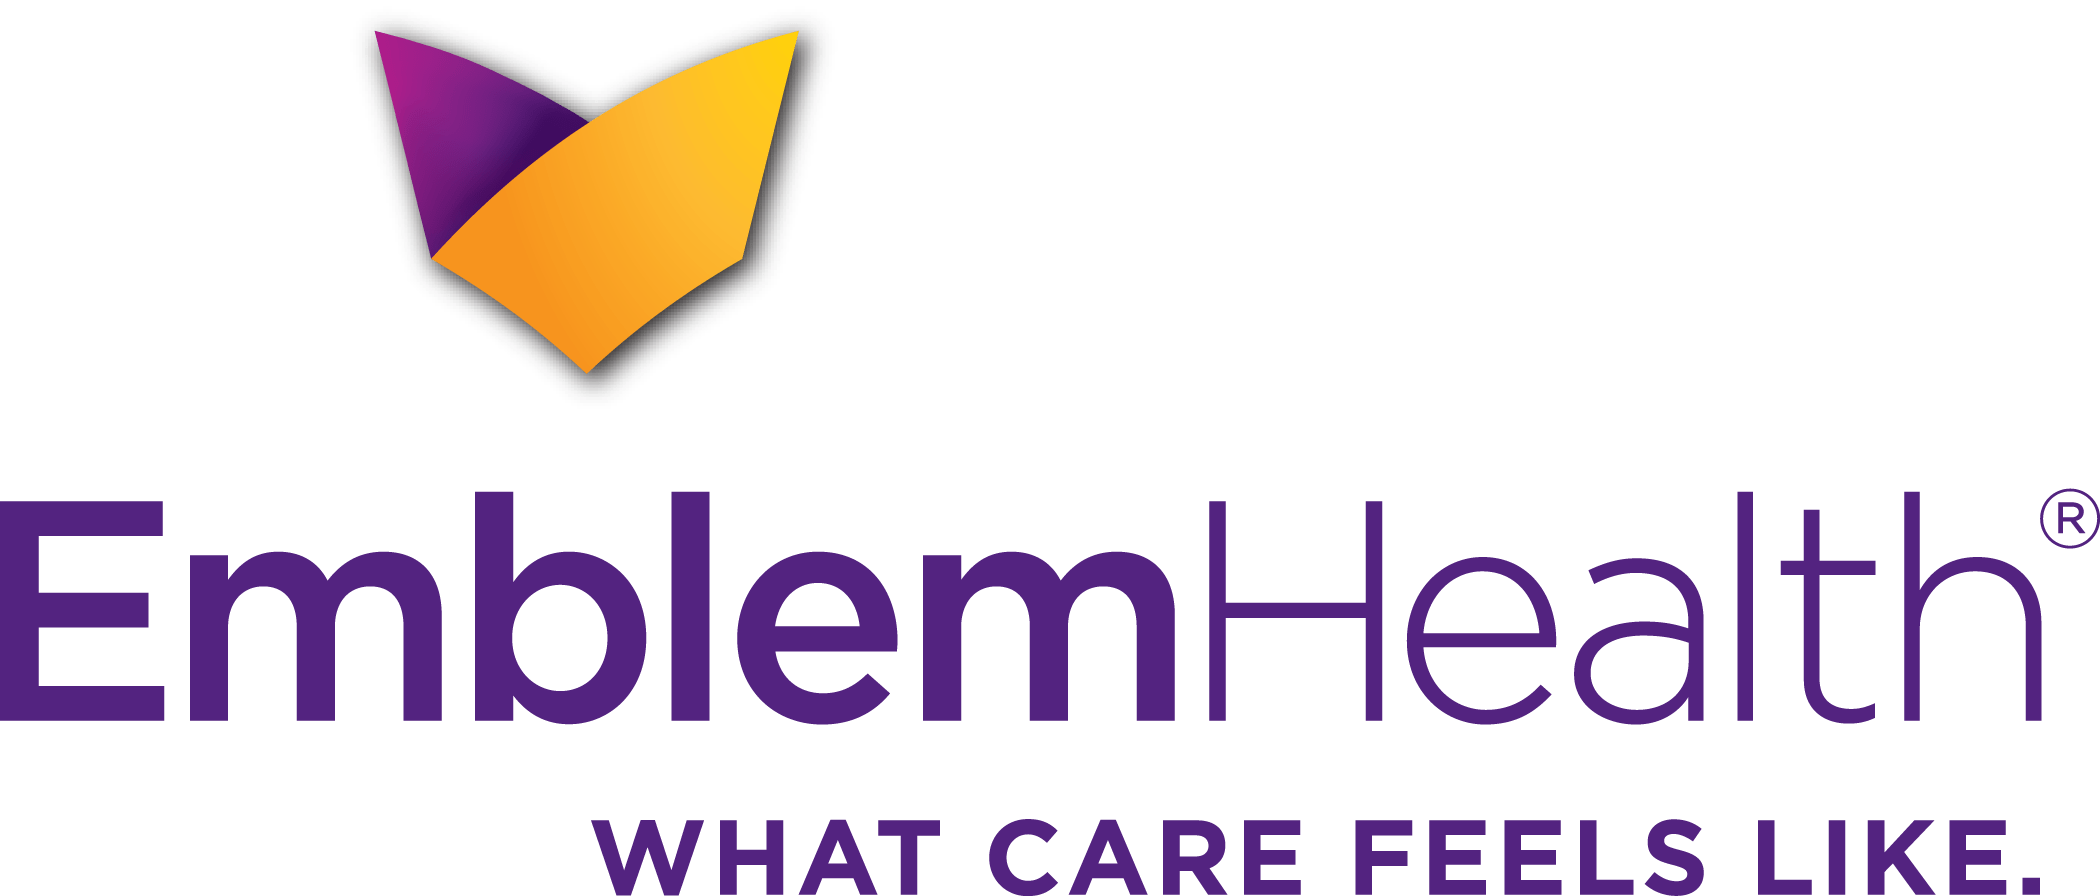 Emblem health dental insurance